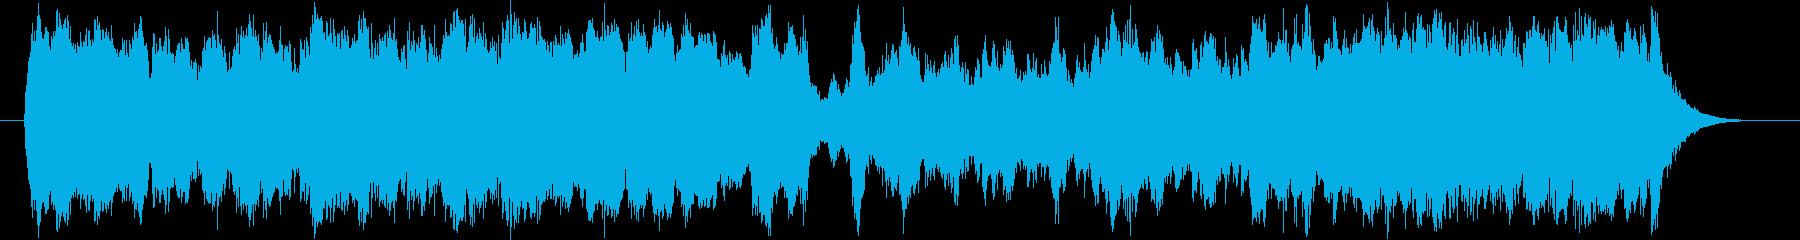 行進曲風のストリングスミュージックの再生済みの波形